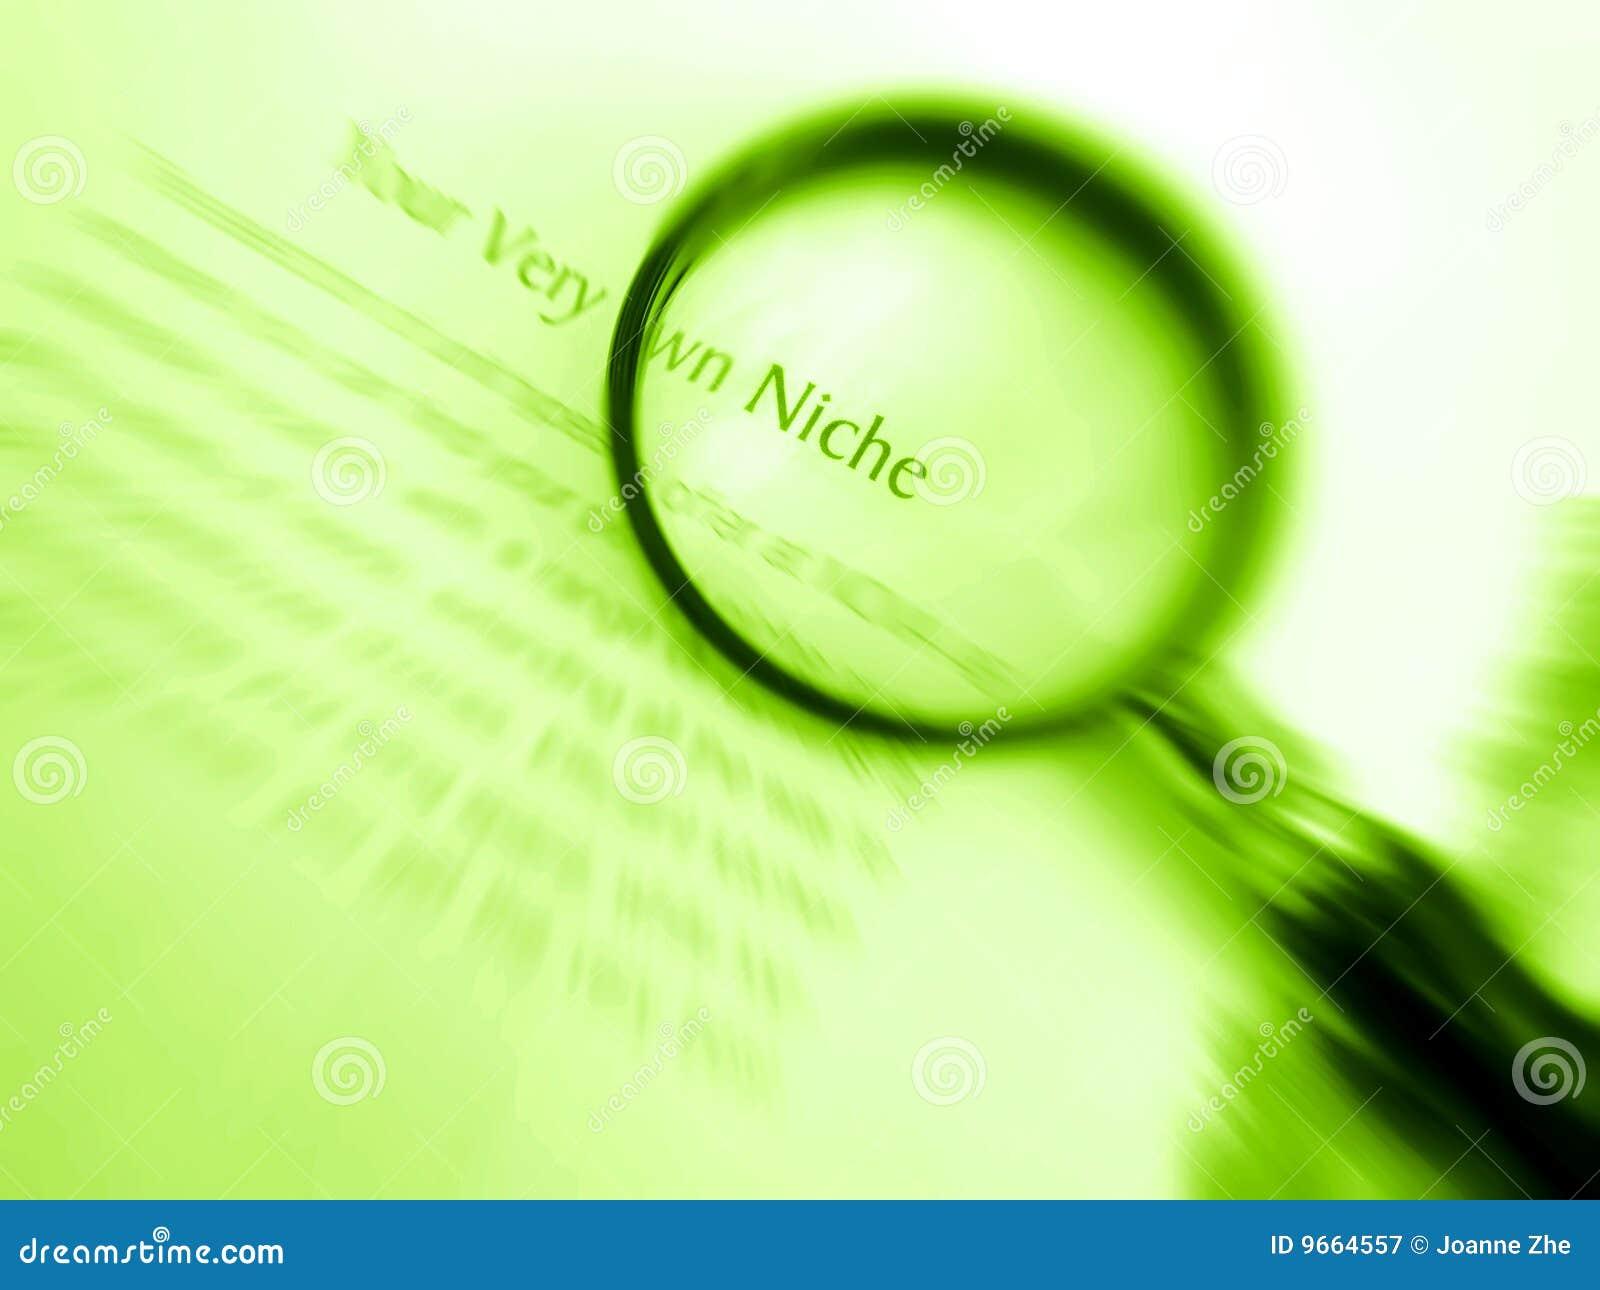 Find your own niche